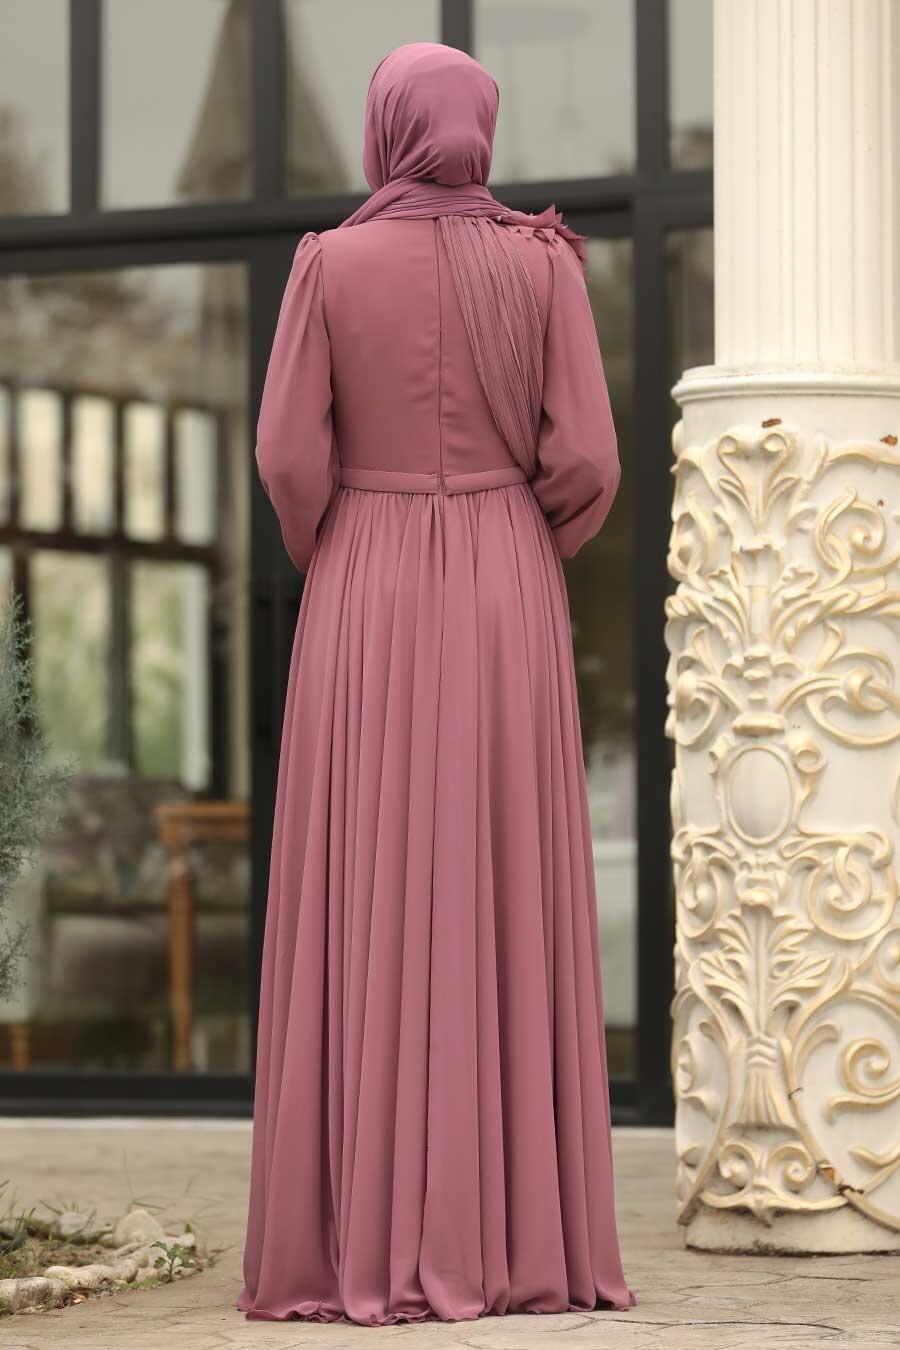 Tesettürlü Abiye Elbise - Çiçek Detaylı Gül Kurusu Tesettürlü Abiye Elbise 3991GK